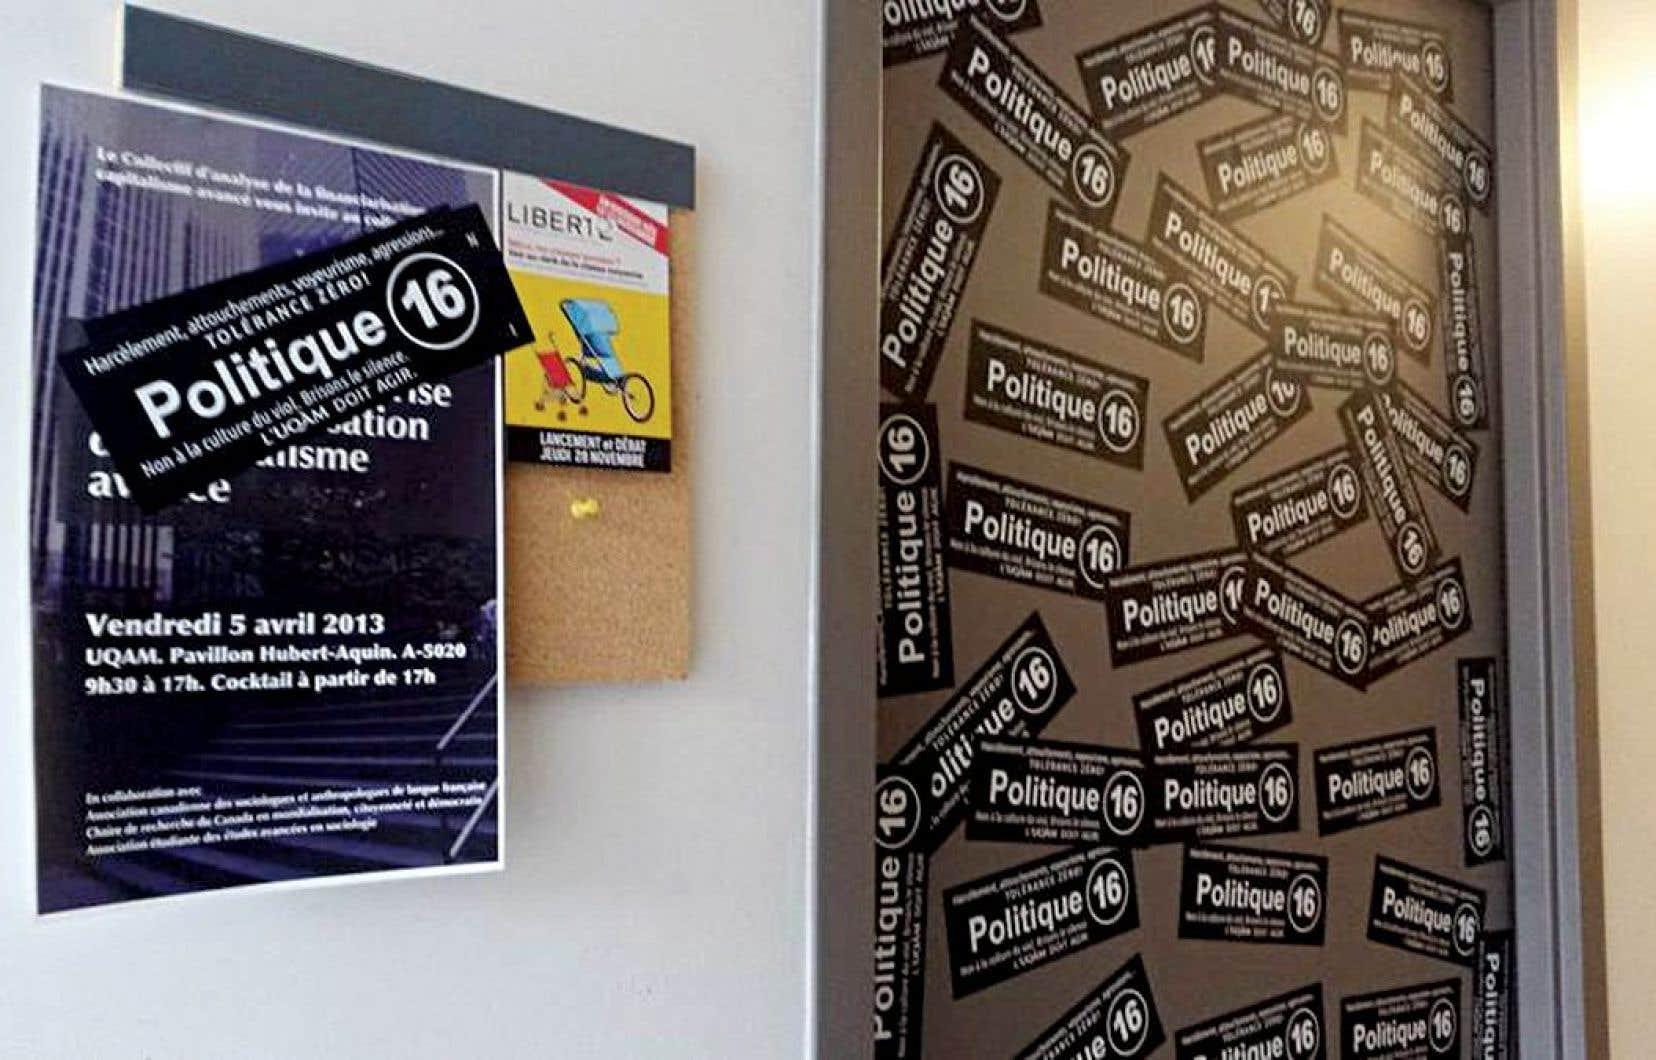 Trois professeurs de l'UQAM ont vu la porte de leur bureau placardée d'autocollants faisant référence à sa politique 16 contre le harcèlement sexuel.